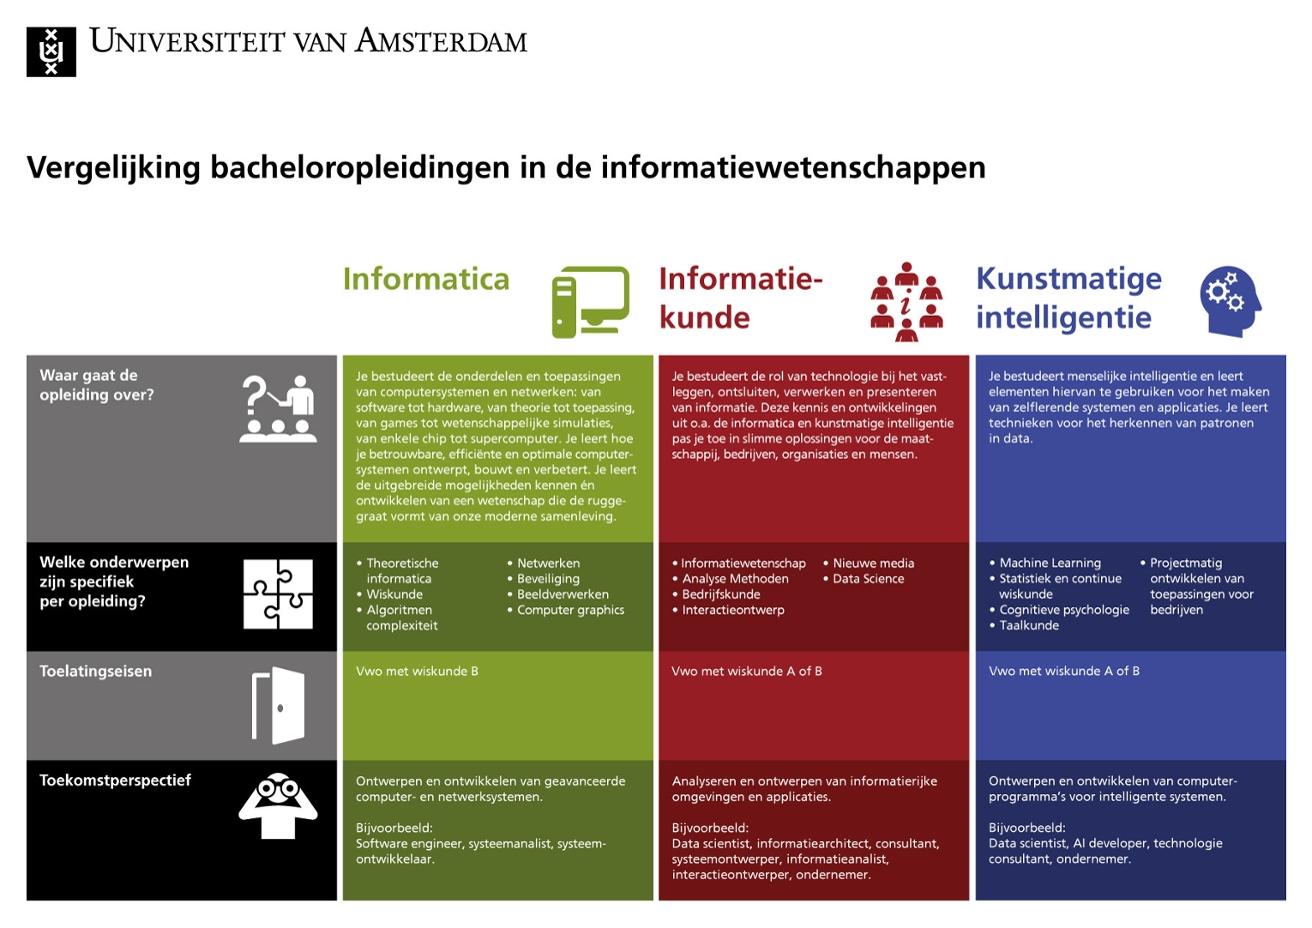 Afbeelding met verschillen tussen de bachelors informatiewetenschappen